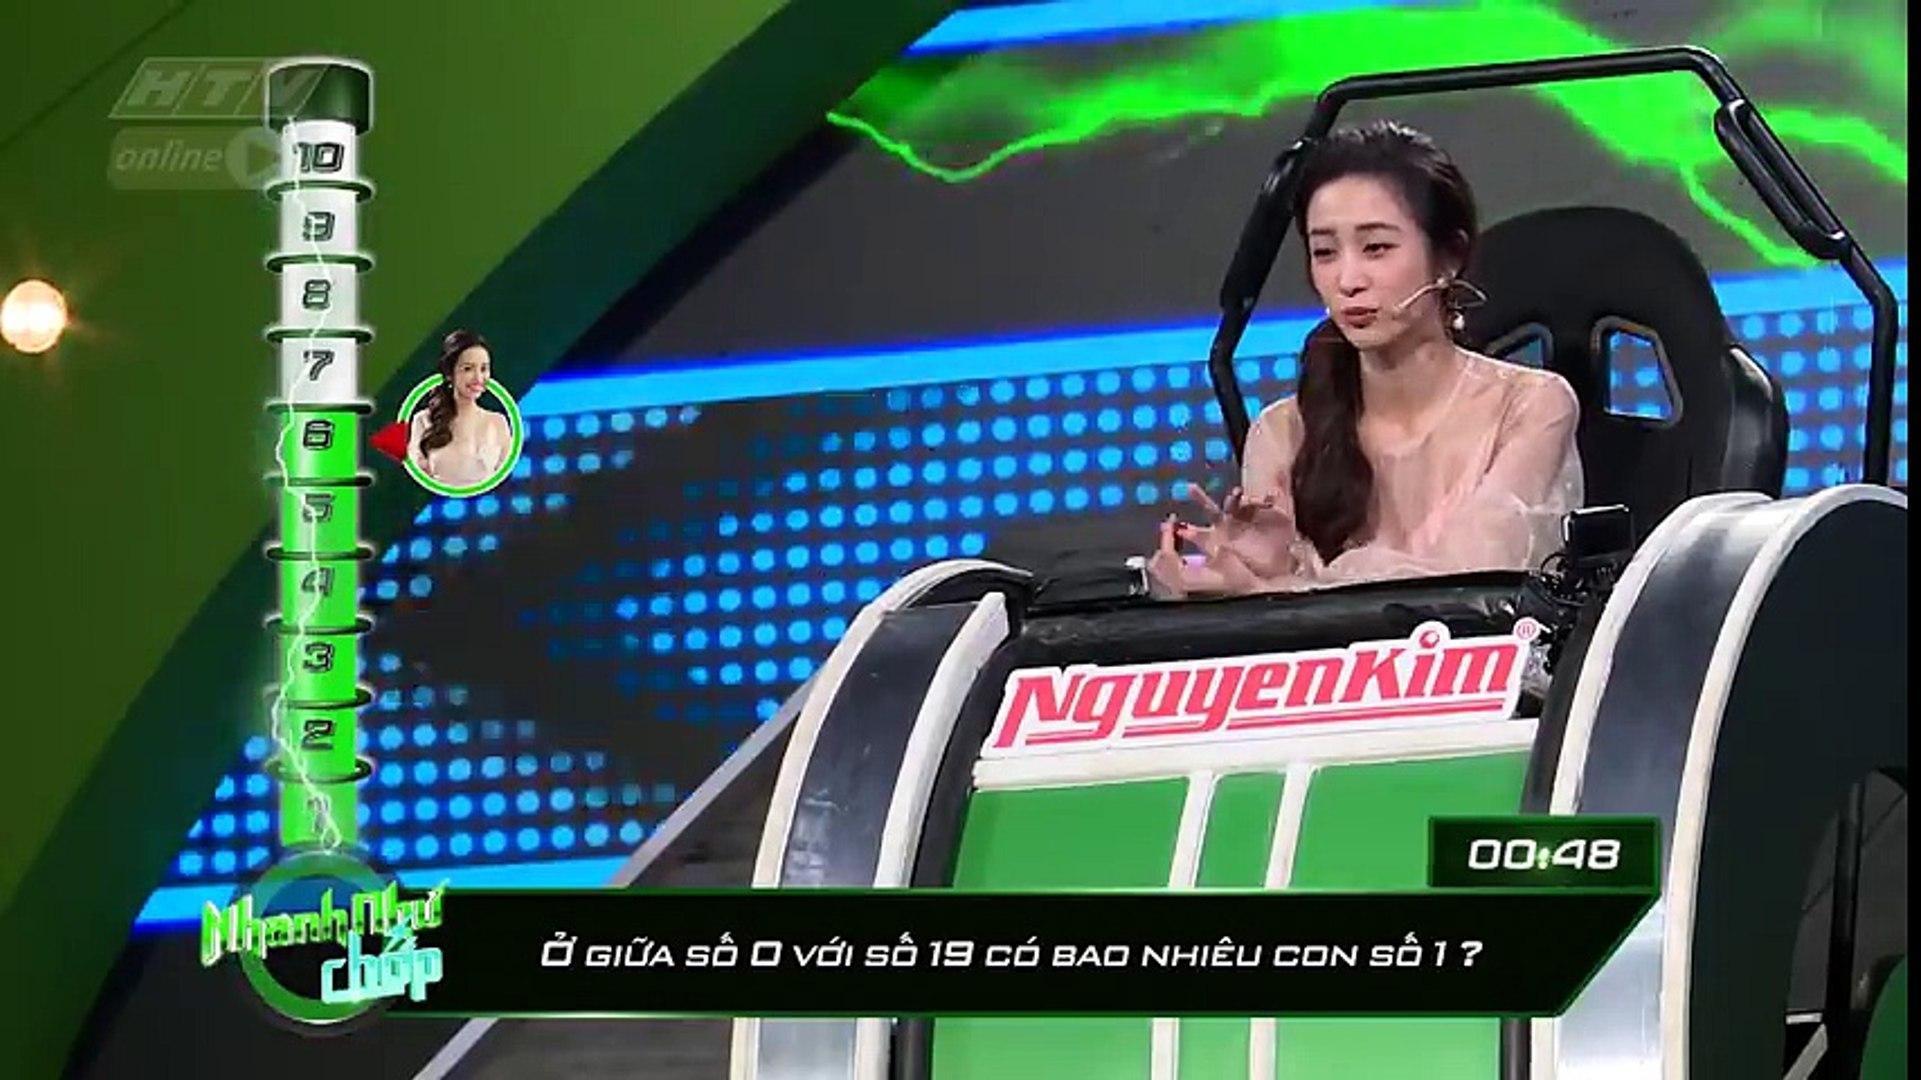 Jun Vũ tiết lộ gia đình ở Thái Lan - HTV NHANH NHƯ CHƠ-P 2 - -NNC -1